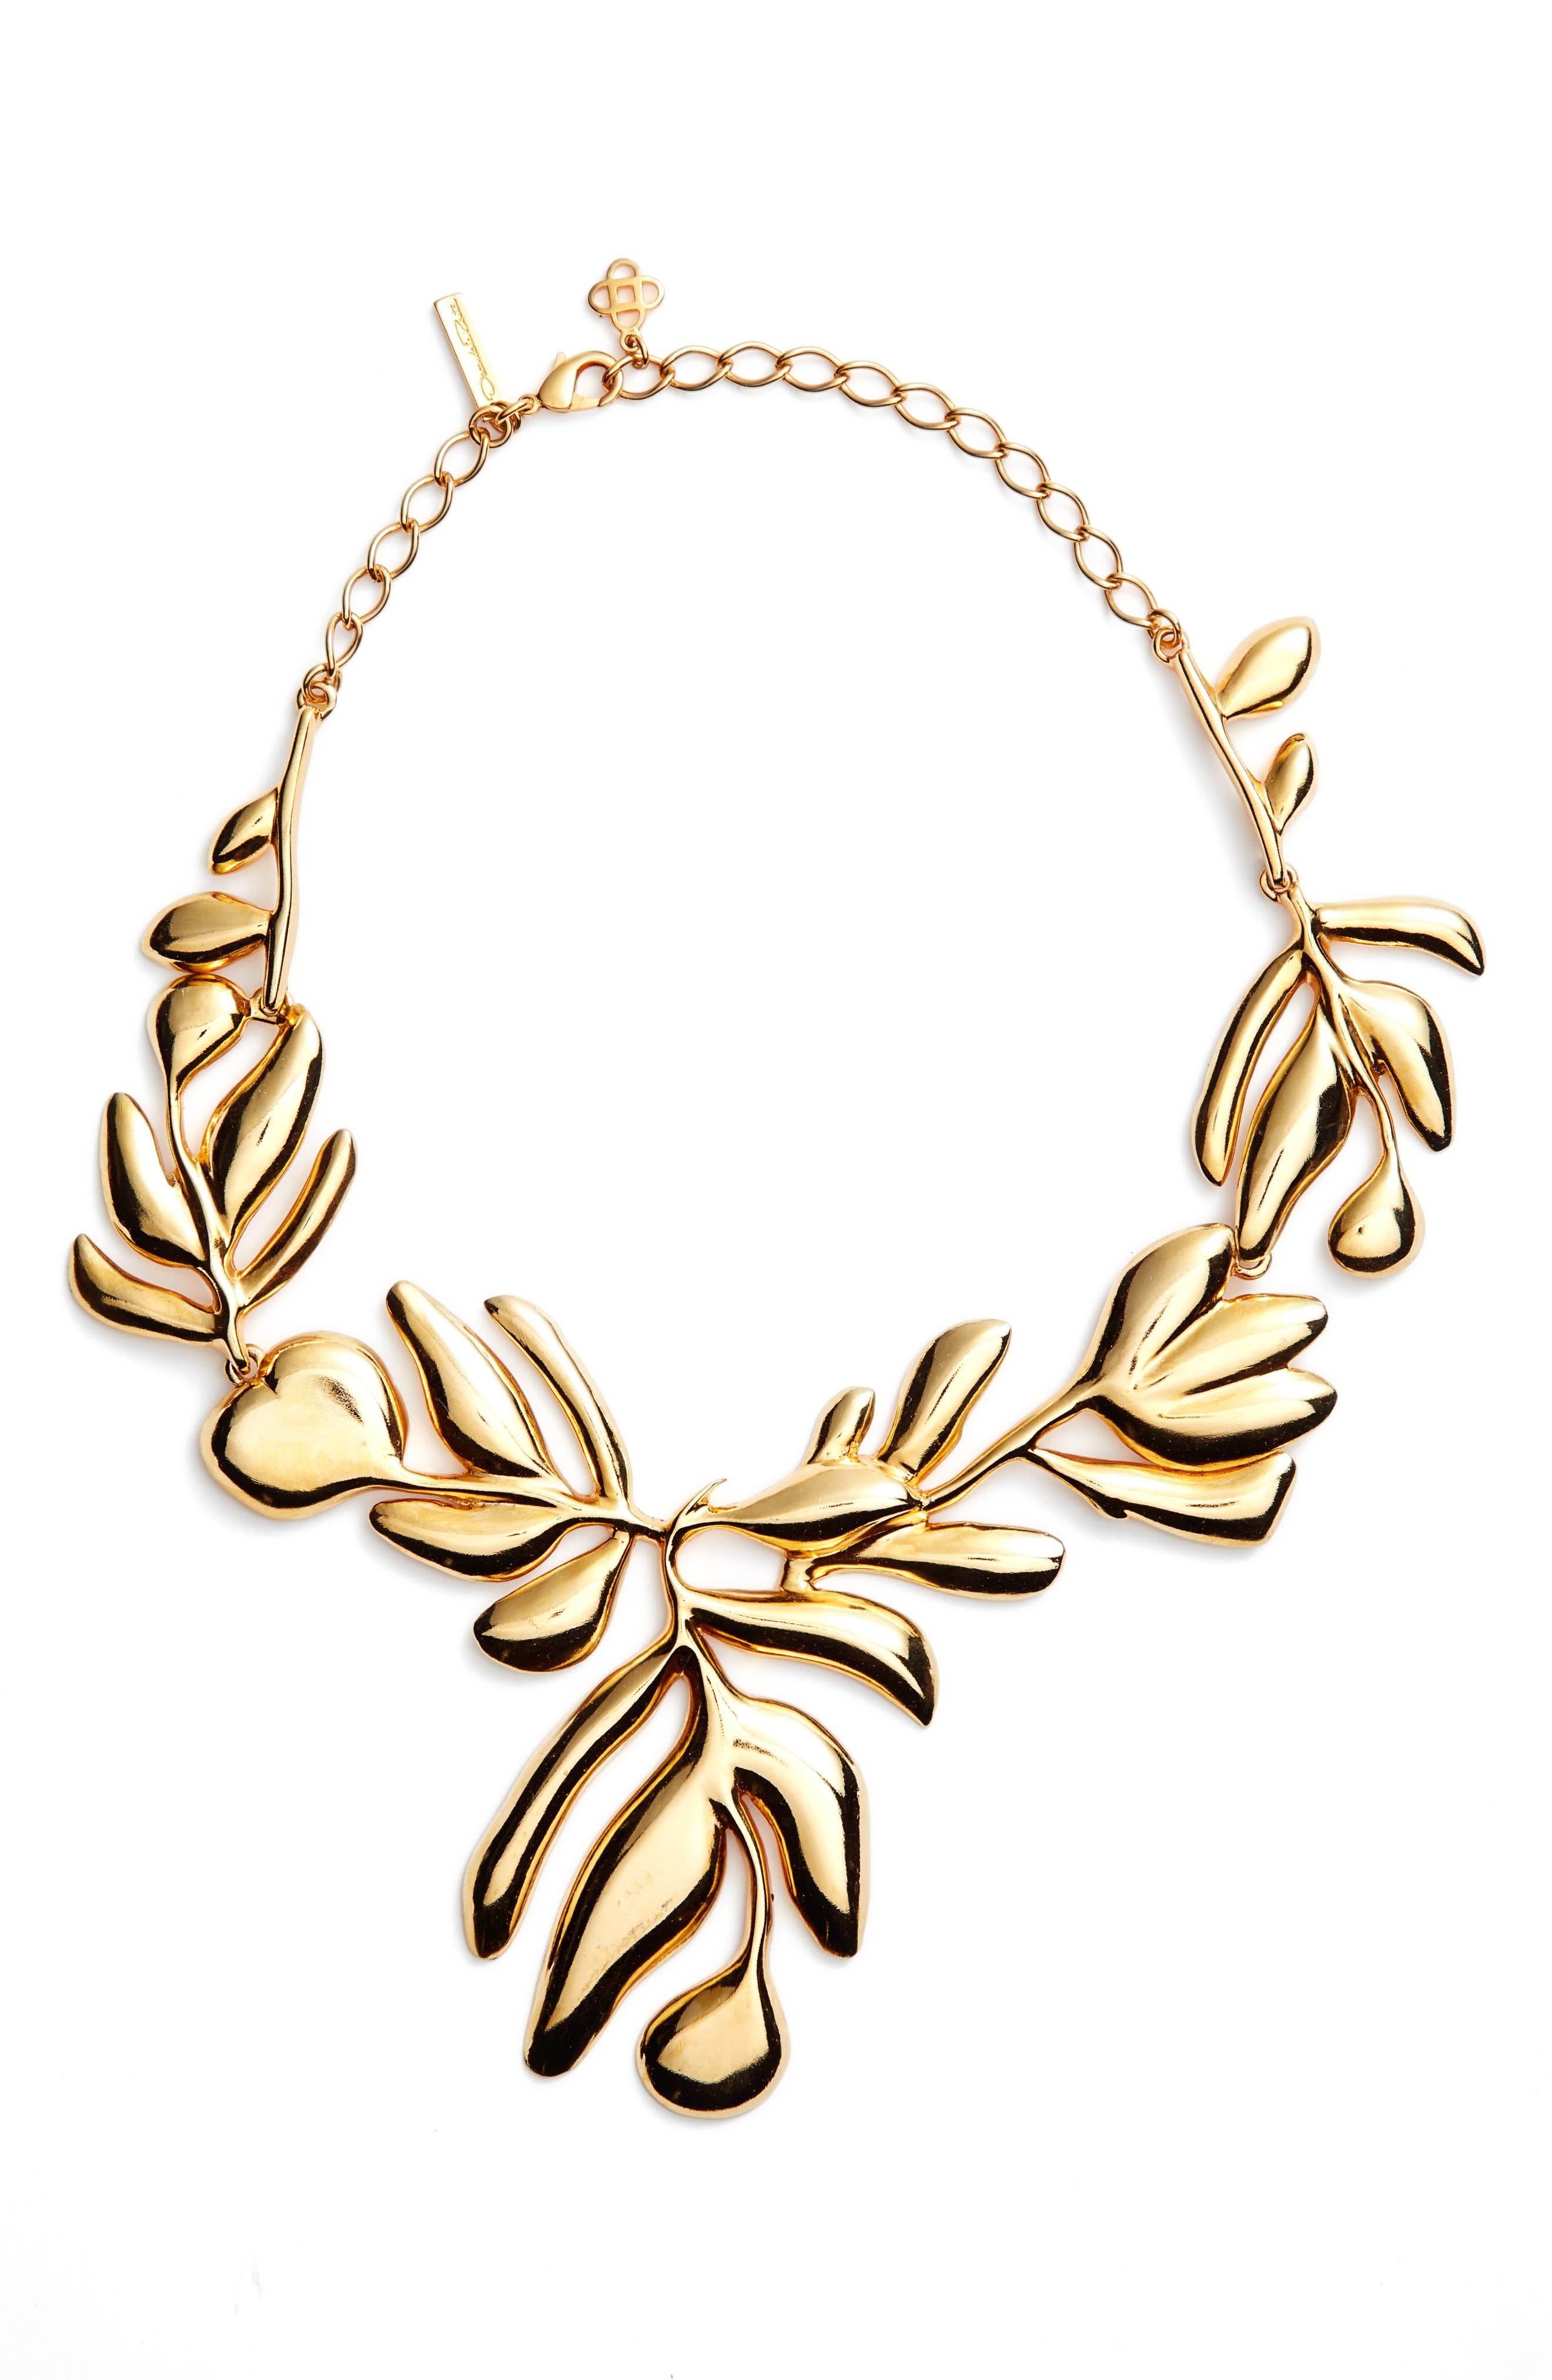 Oscar de la Renta Graphic Botanic Collar Necklace